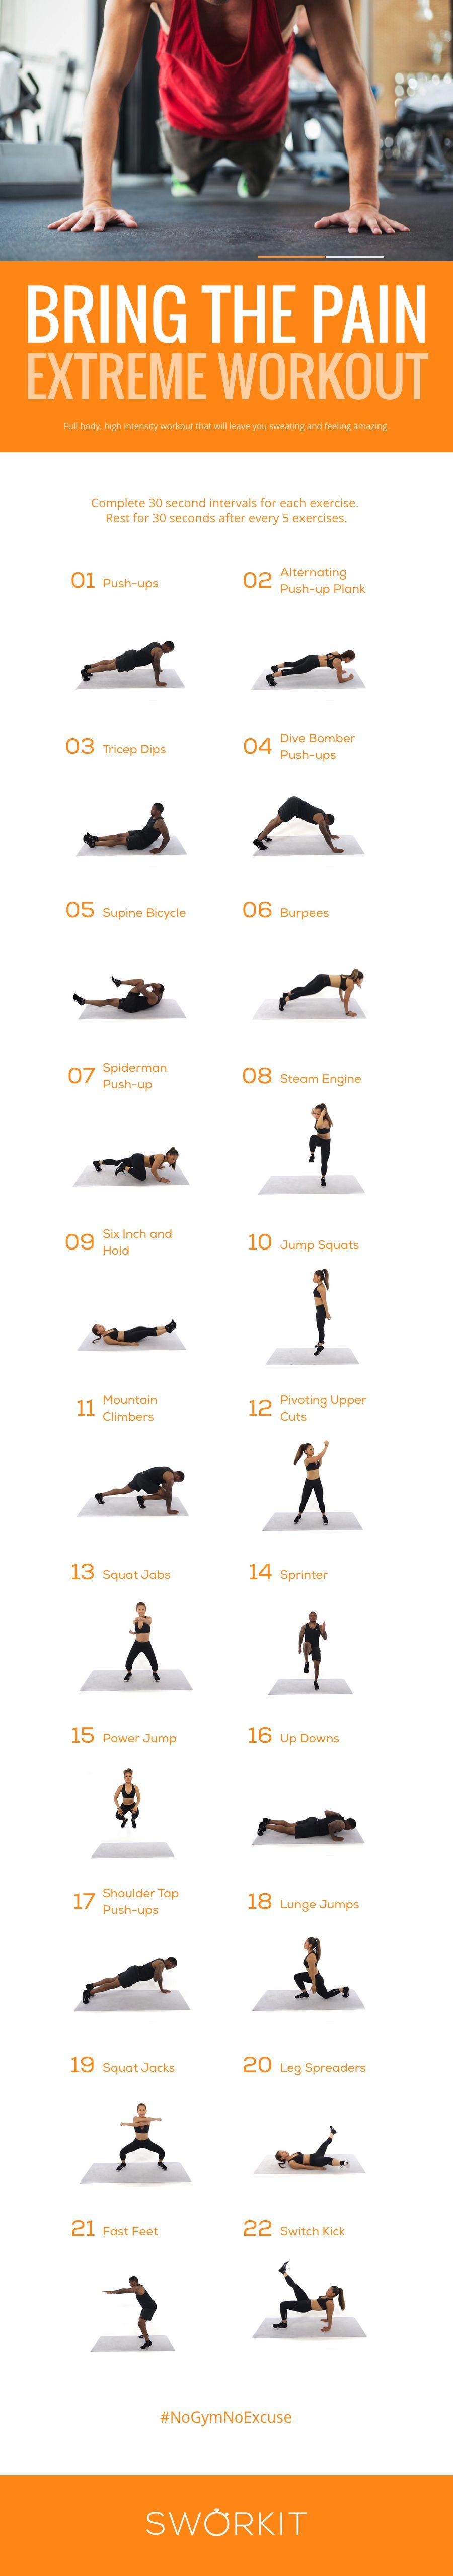 sprint egy jó módja a fogyásnak fogyókúrás kiegészítő menopauza esetén